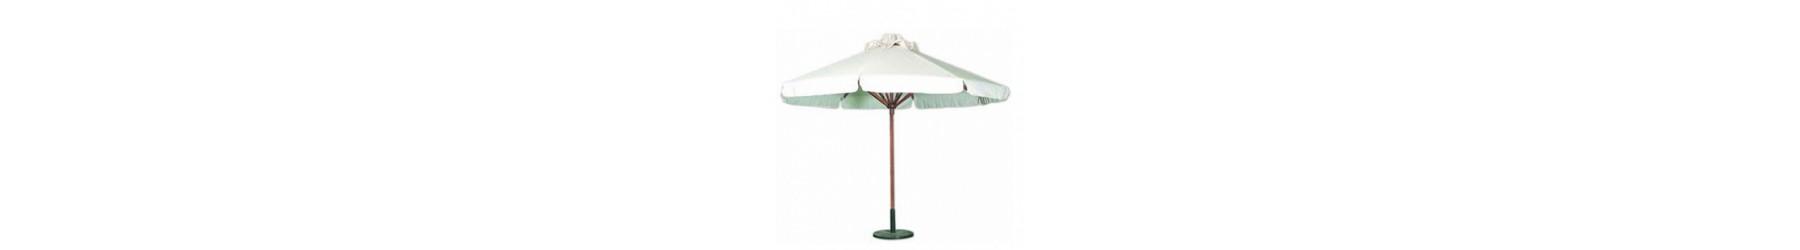 Ανταλλακτικά  πανιά ομπρέλας κήπου